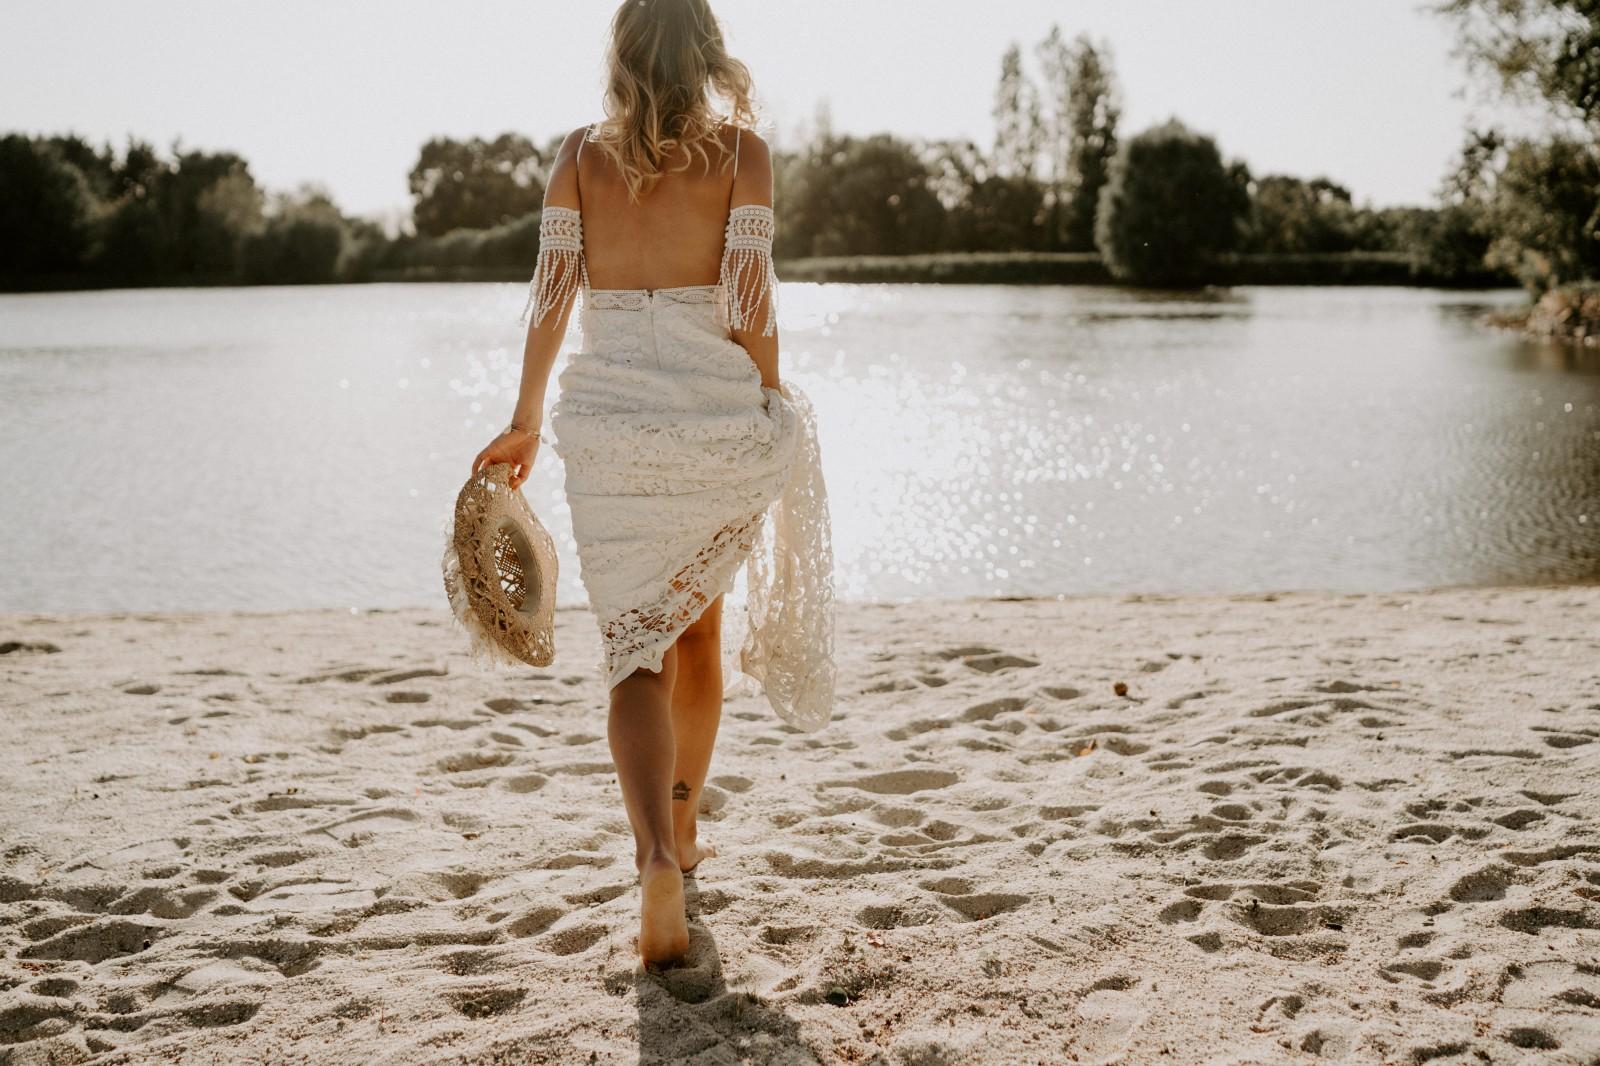 Un mariage les pieds dans l'eau s'était le rêve d'Ameline.